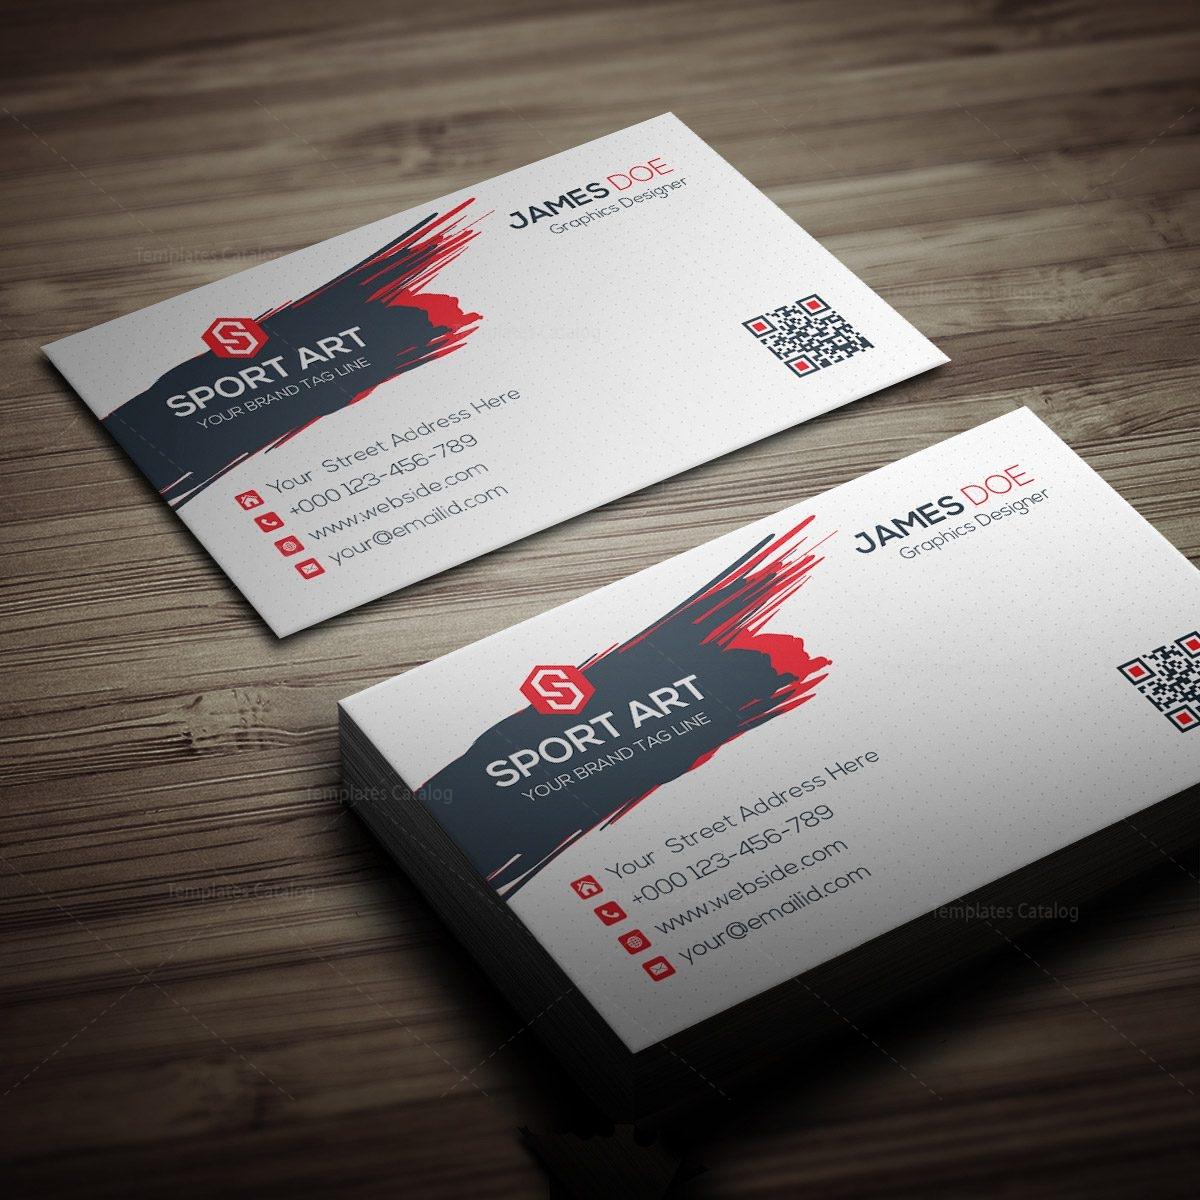 Sport Art Business Card Template 000267 - Template Catalog